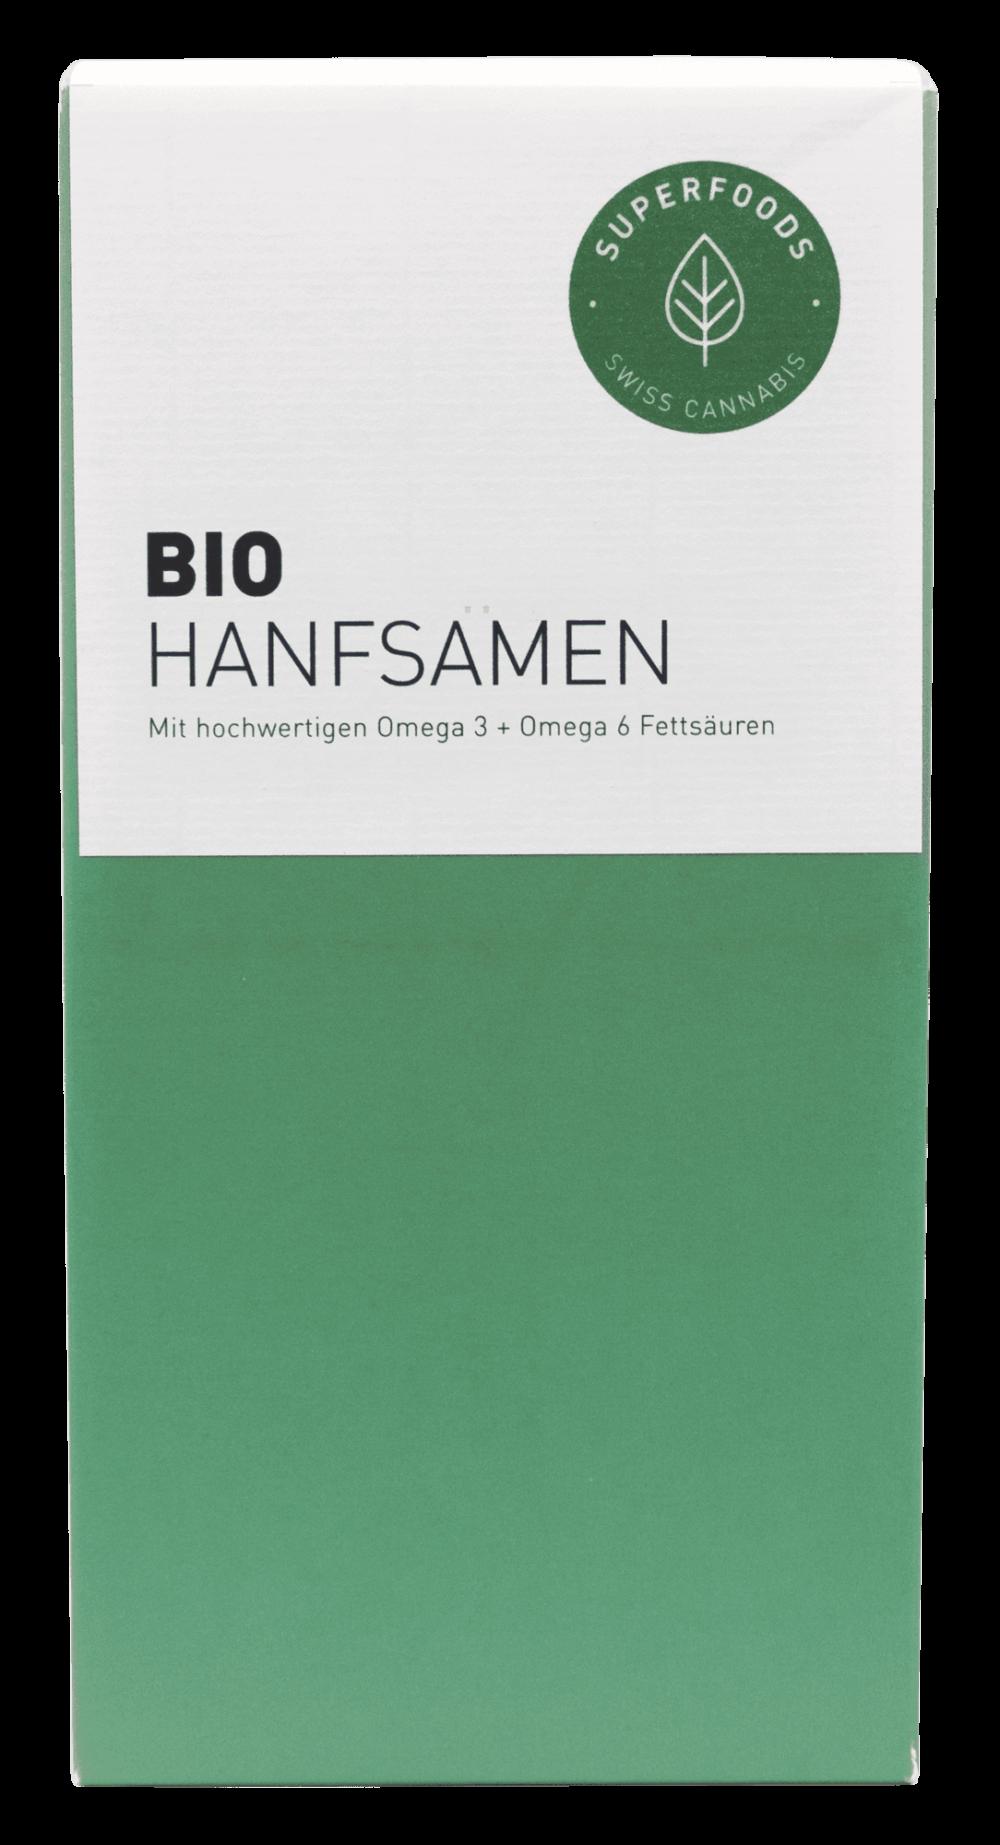 Bio Hanfsamen CBD Hanf Schweiz online kaufen